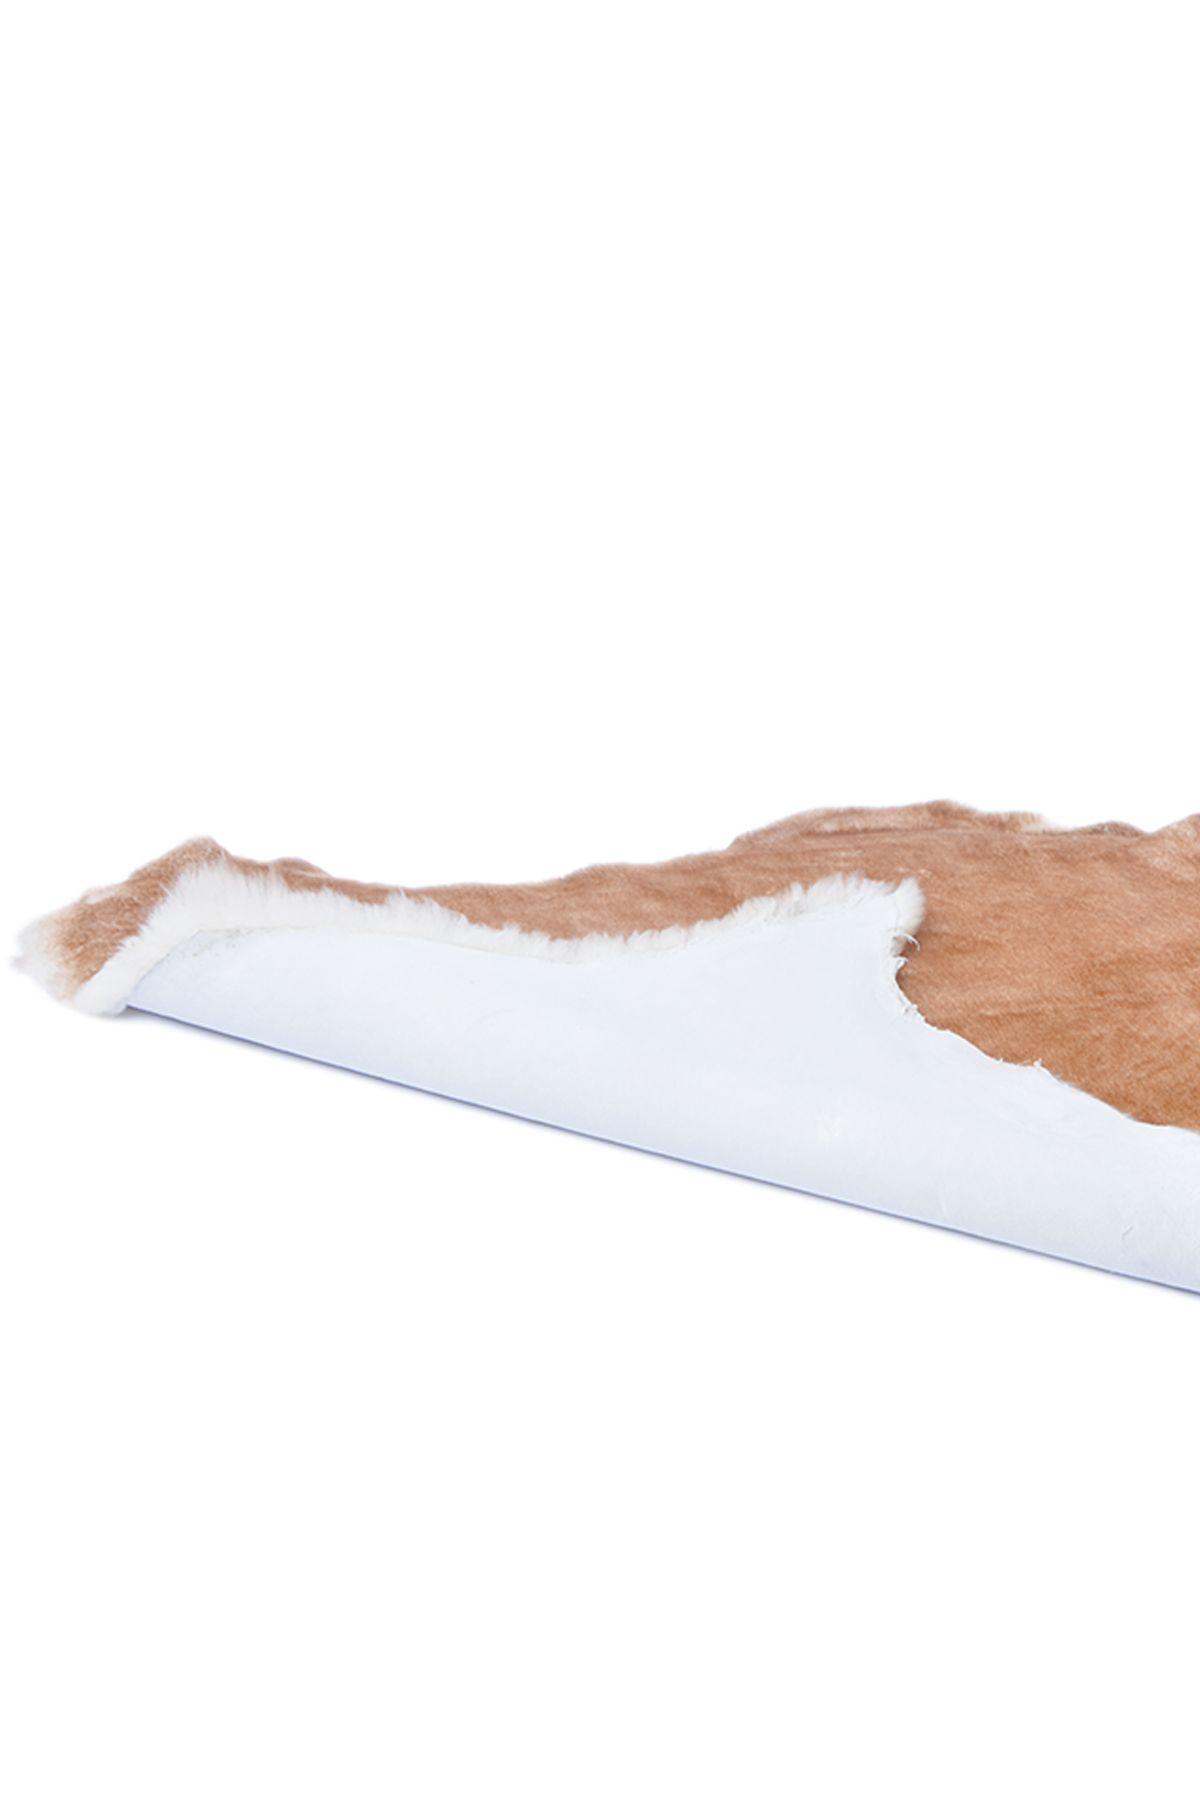 Erdogan Deri Decorative Sheepskin Rug Brown